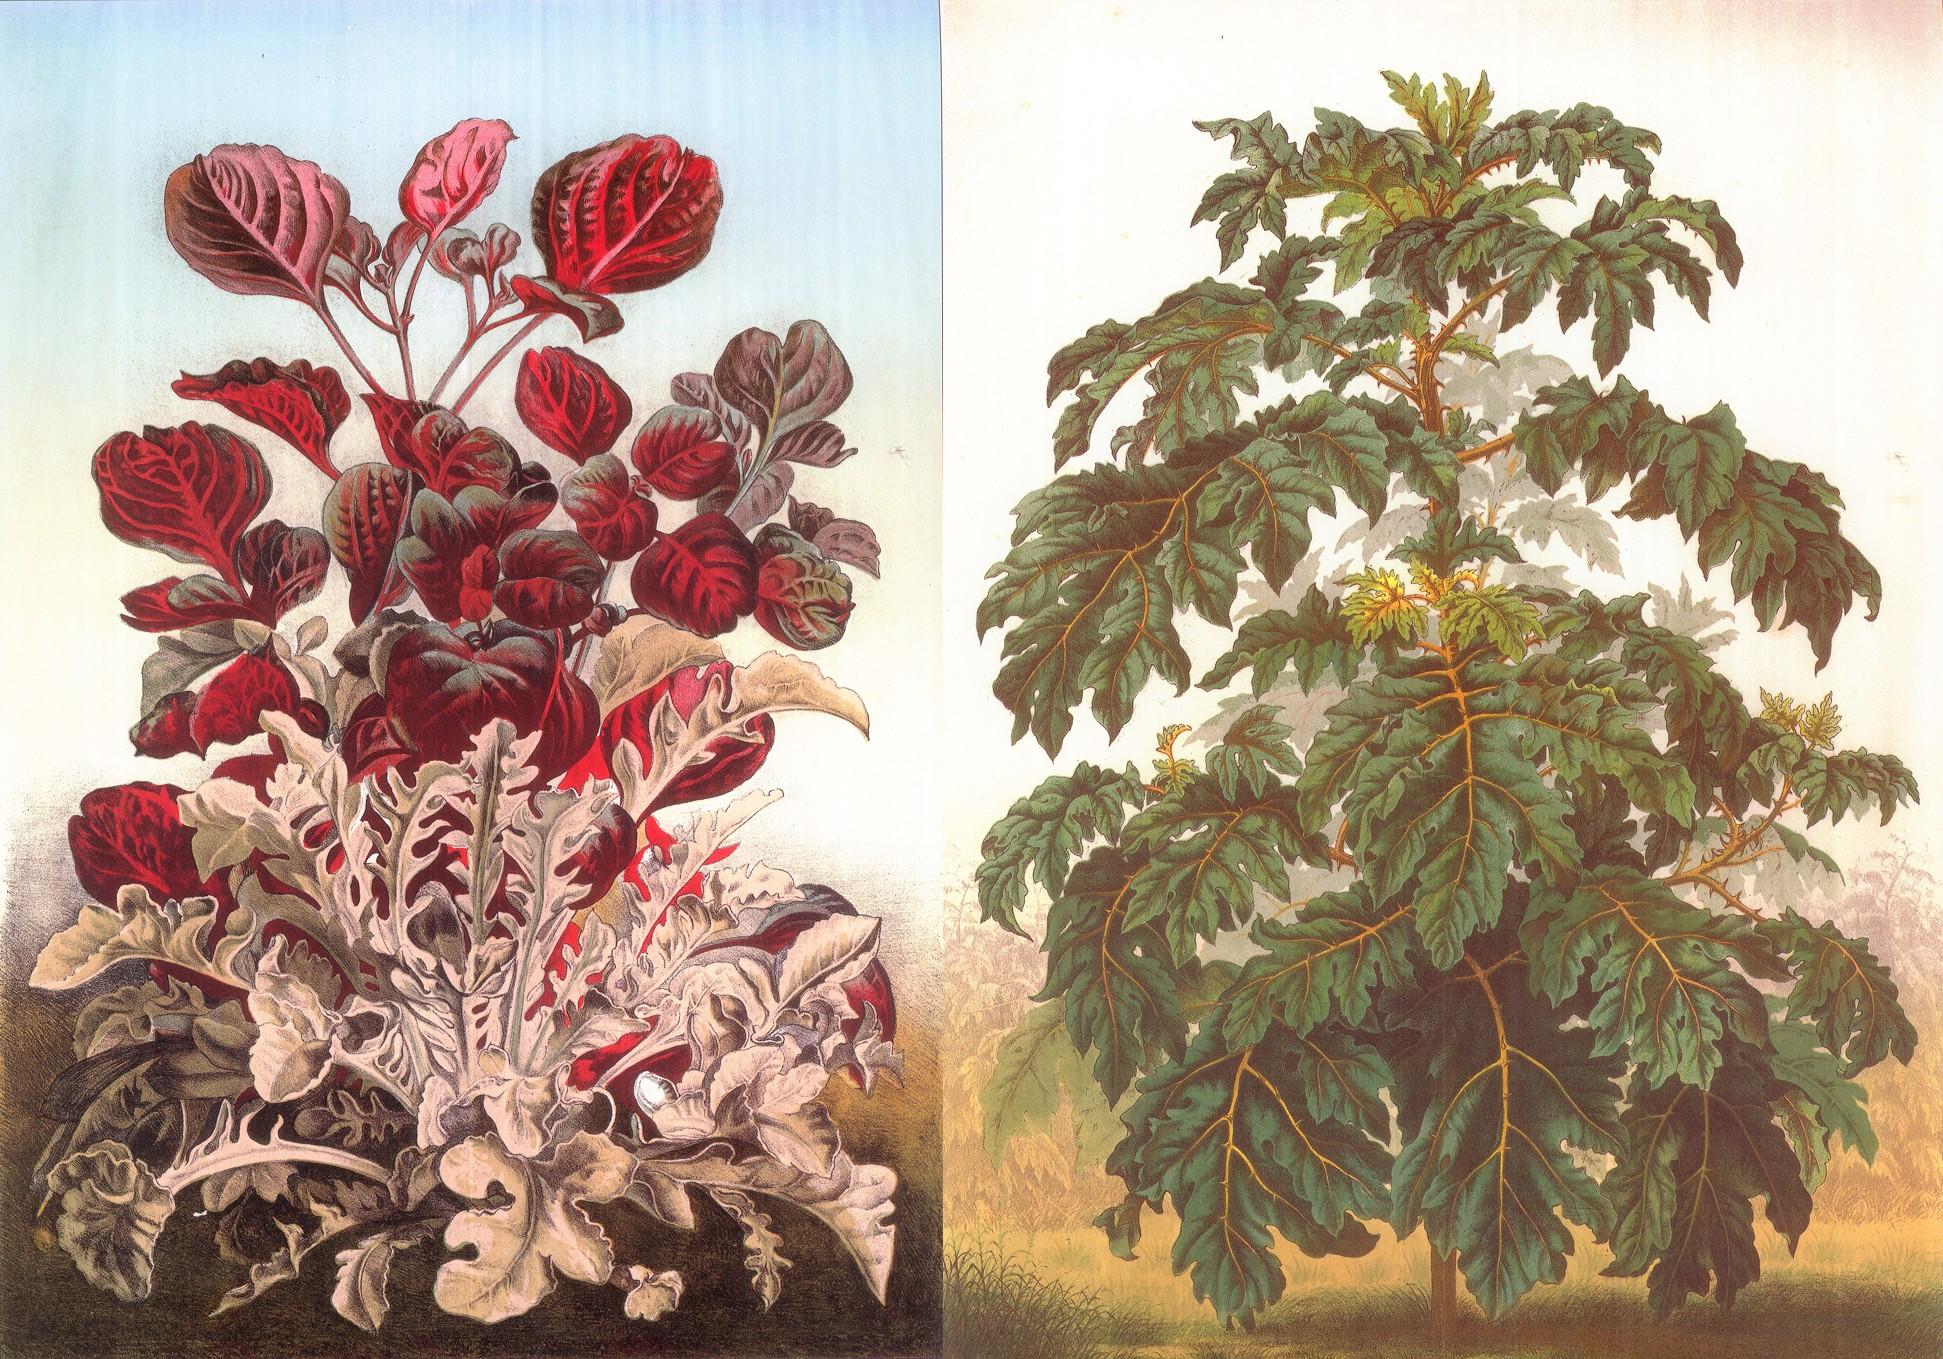 Ces gravures (à gauche Centaurea candidissima et Iresine Herbstii, à droite Solanum Warscewiczii), tirées de l'ouvrage d'Alphand « Les promenades de Paris », illustrent la mode, à son époque, aux « végétaux à grand feuillage, aux coloris plus ou moins excentriques », comme le rapportait Louis Neumann, responsable des serres du Muséum. - © D.R.